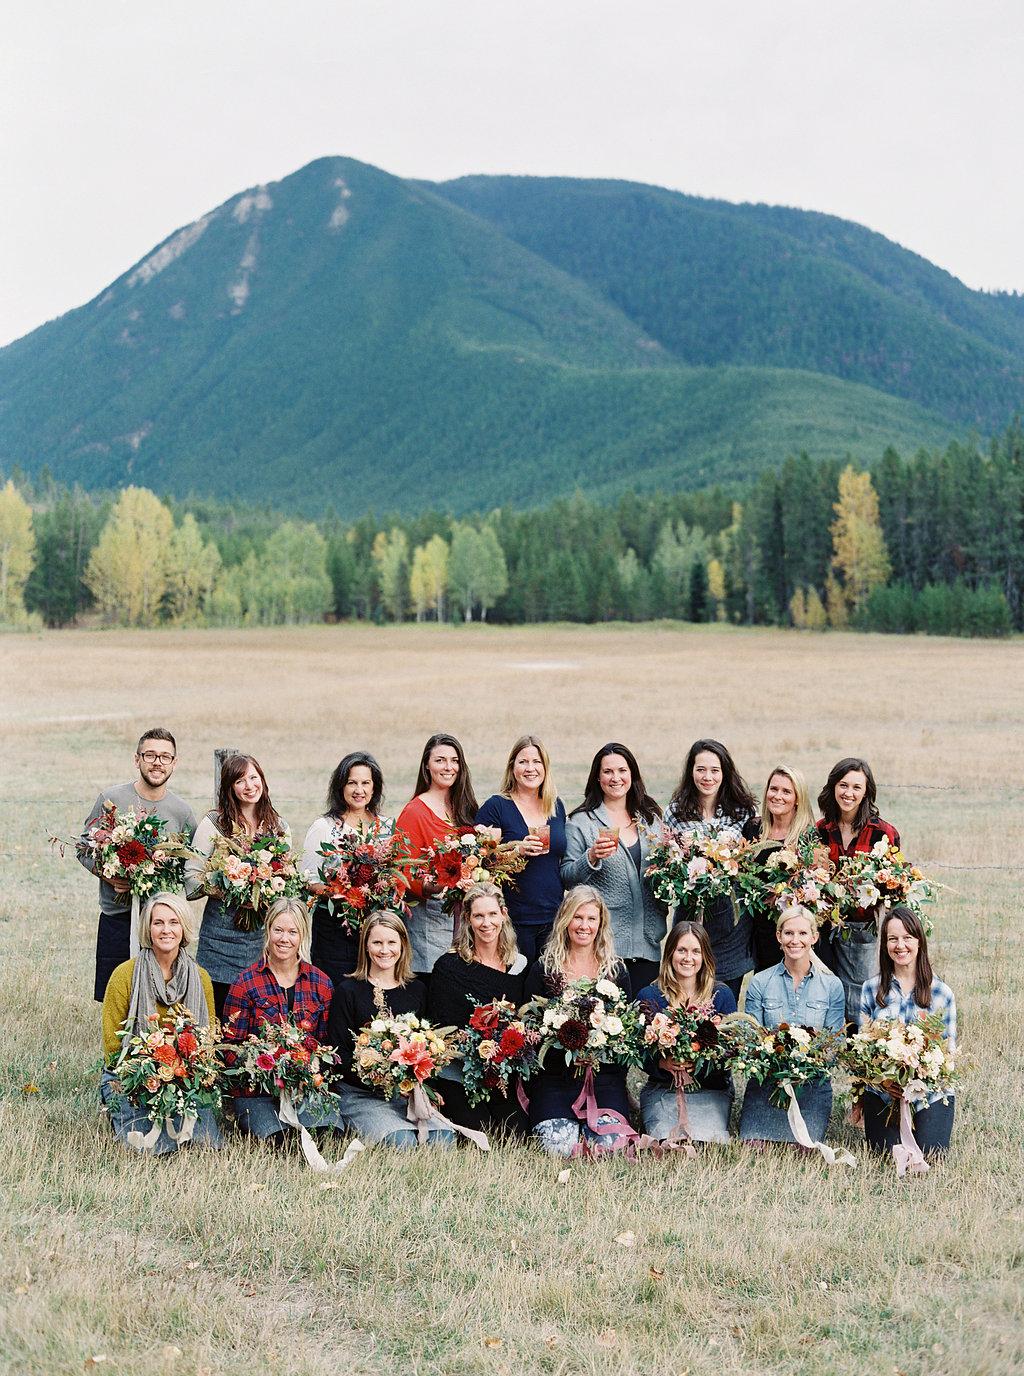 Flower Friends in Montana